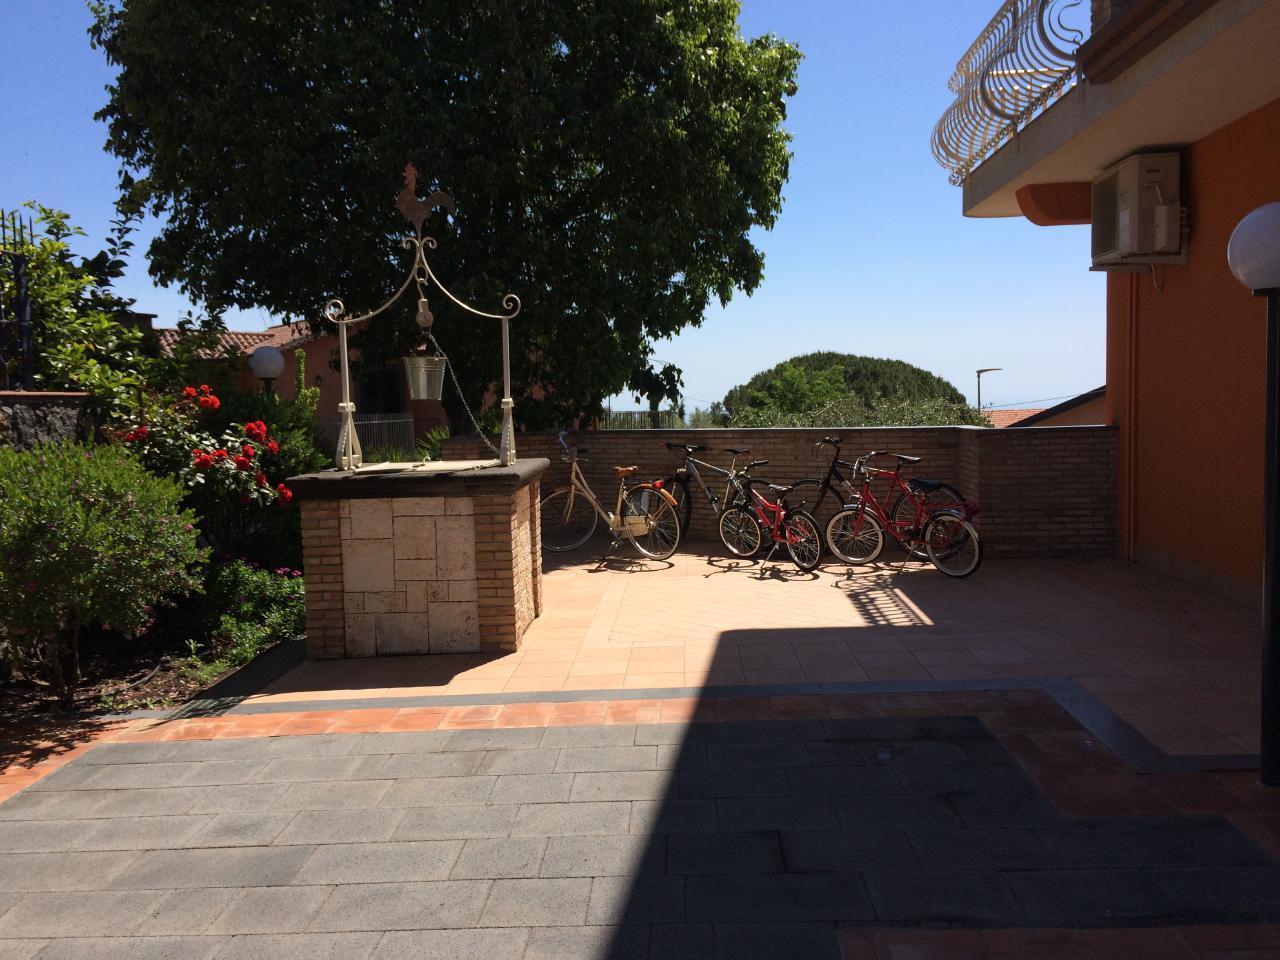 Appartement de vacances Etna Royal View -  Zwei-Zimmer-Wohnung mit Blick auf den Garten (2182582), Trecastagni, Catania, Sicile, Italie, image 50